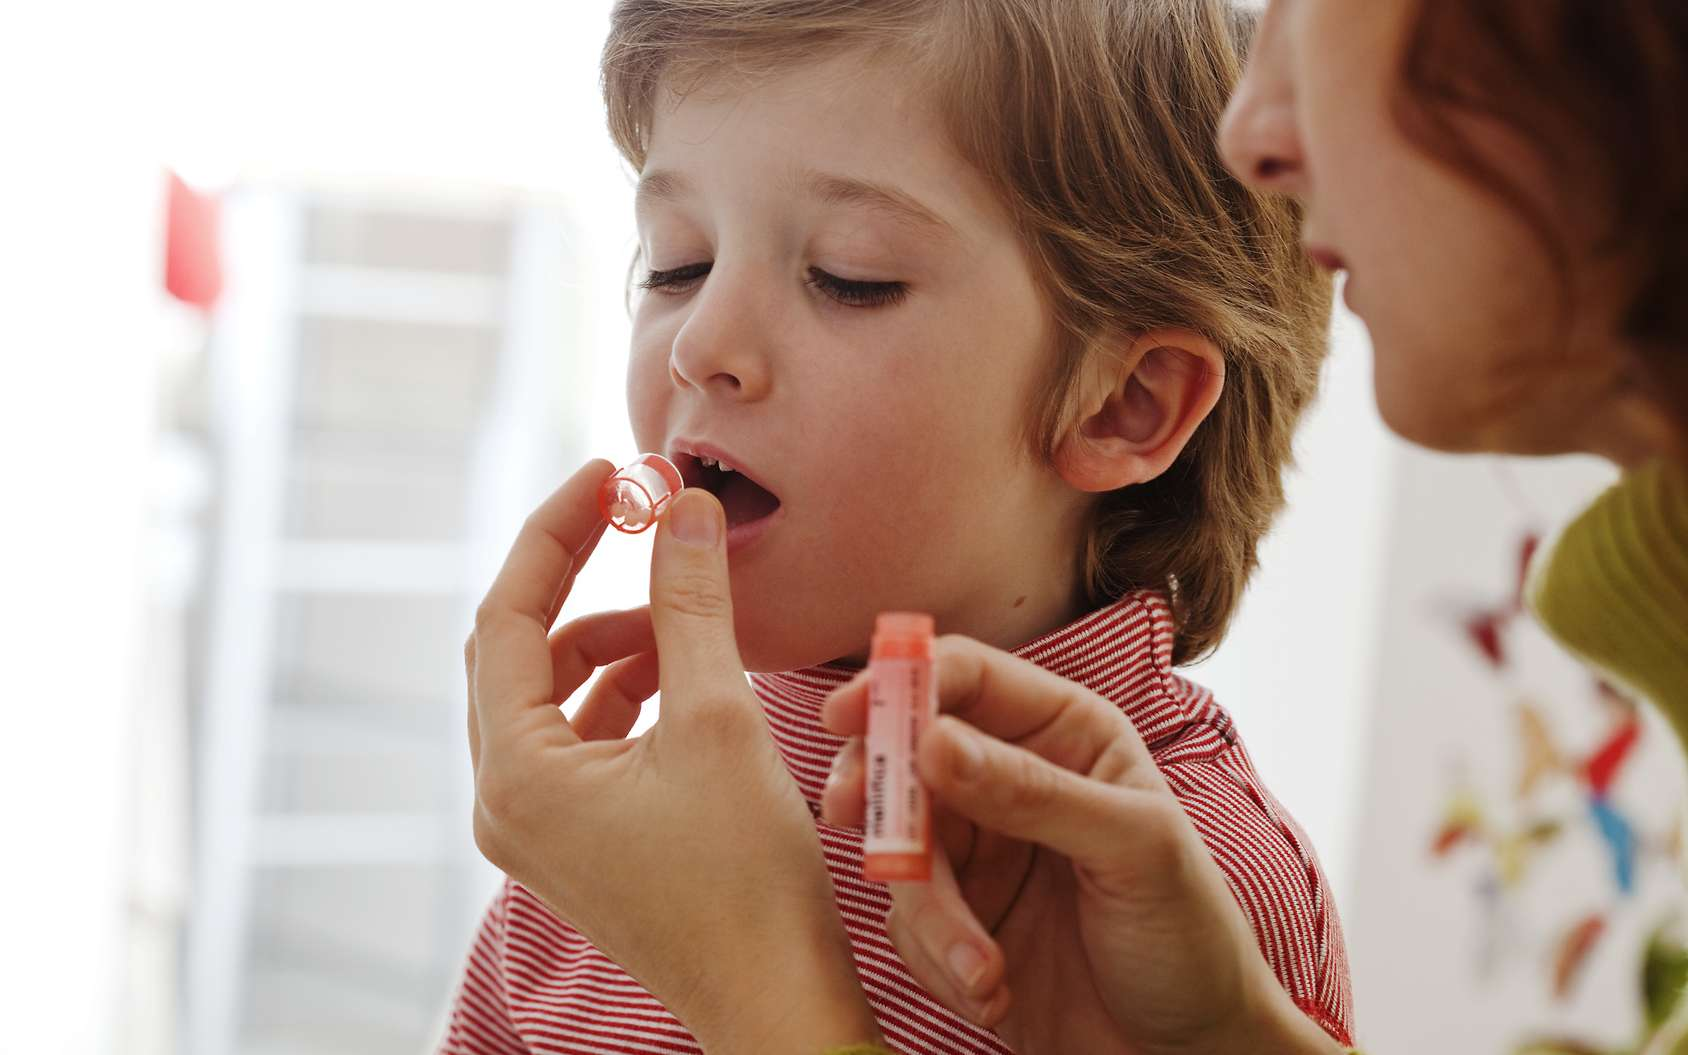 La HAS vient de rendre son rapport, défavorable, au maintien du remboursement des granules homéopathiques. © RFBSIP, Fotolia